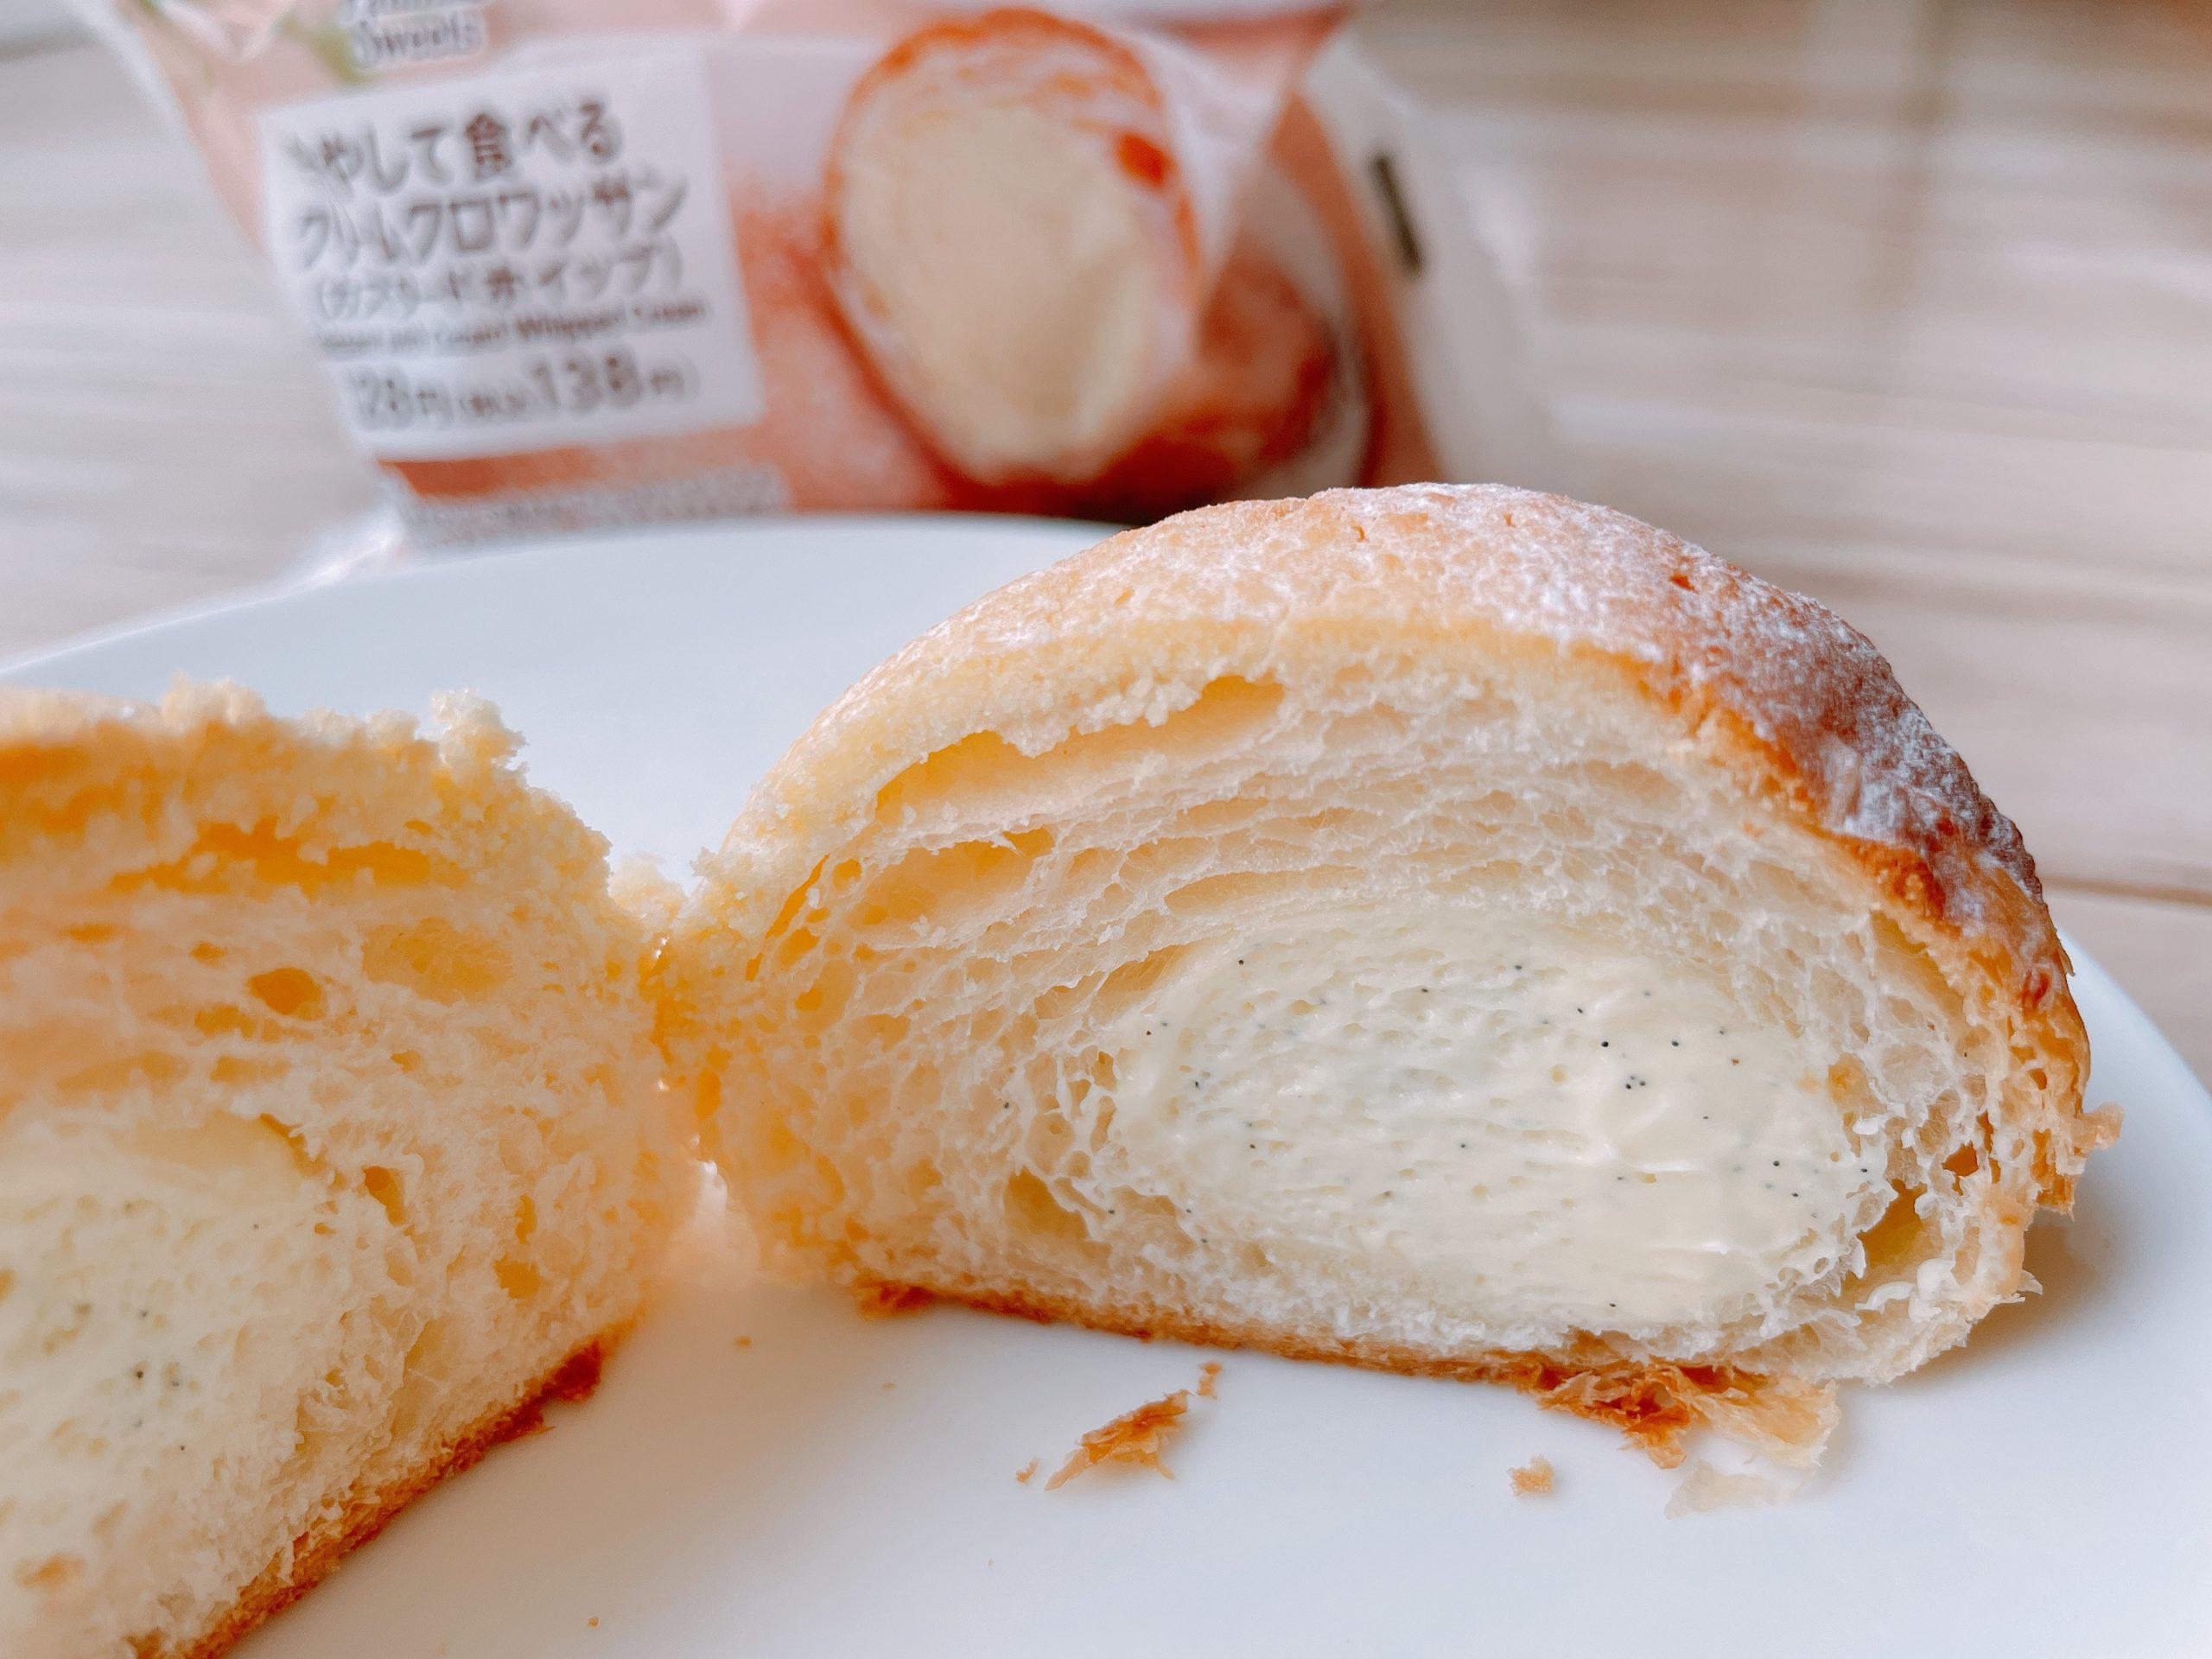 冷やして食べるクリームクロワッサン(カスタードホイップ)の中は、ぎっしりとクリームが詰まってます